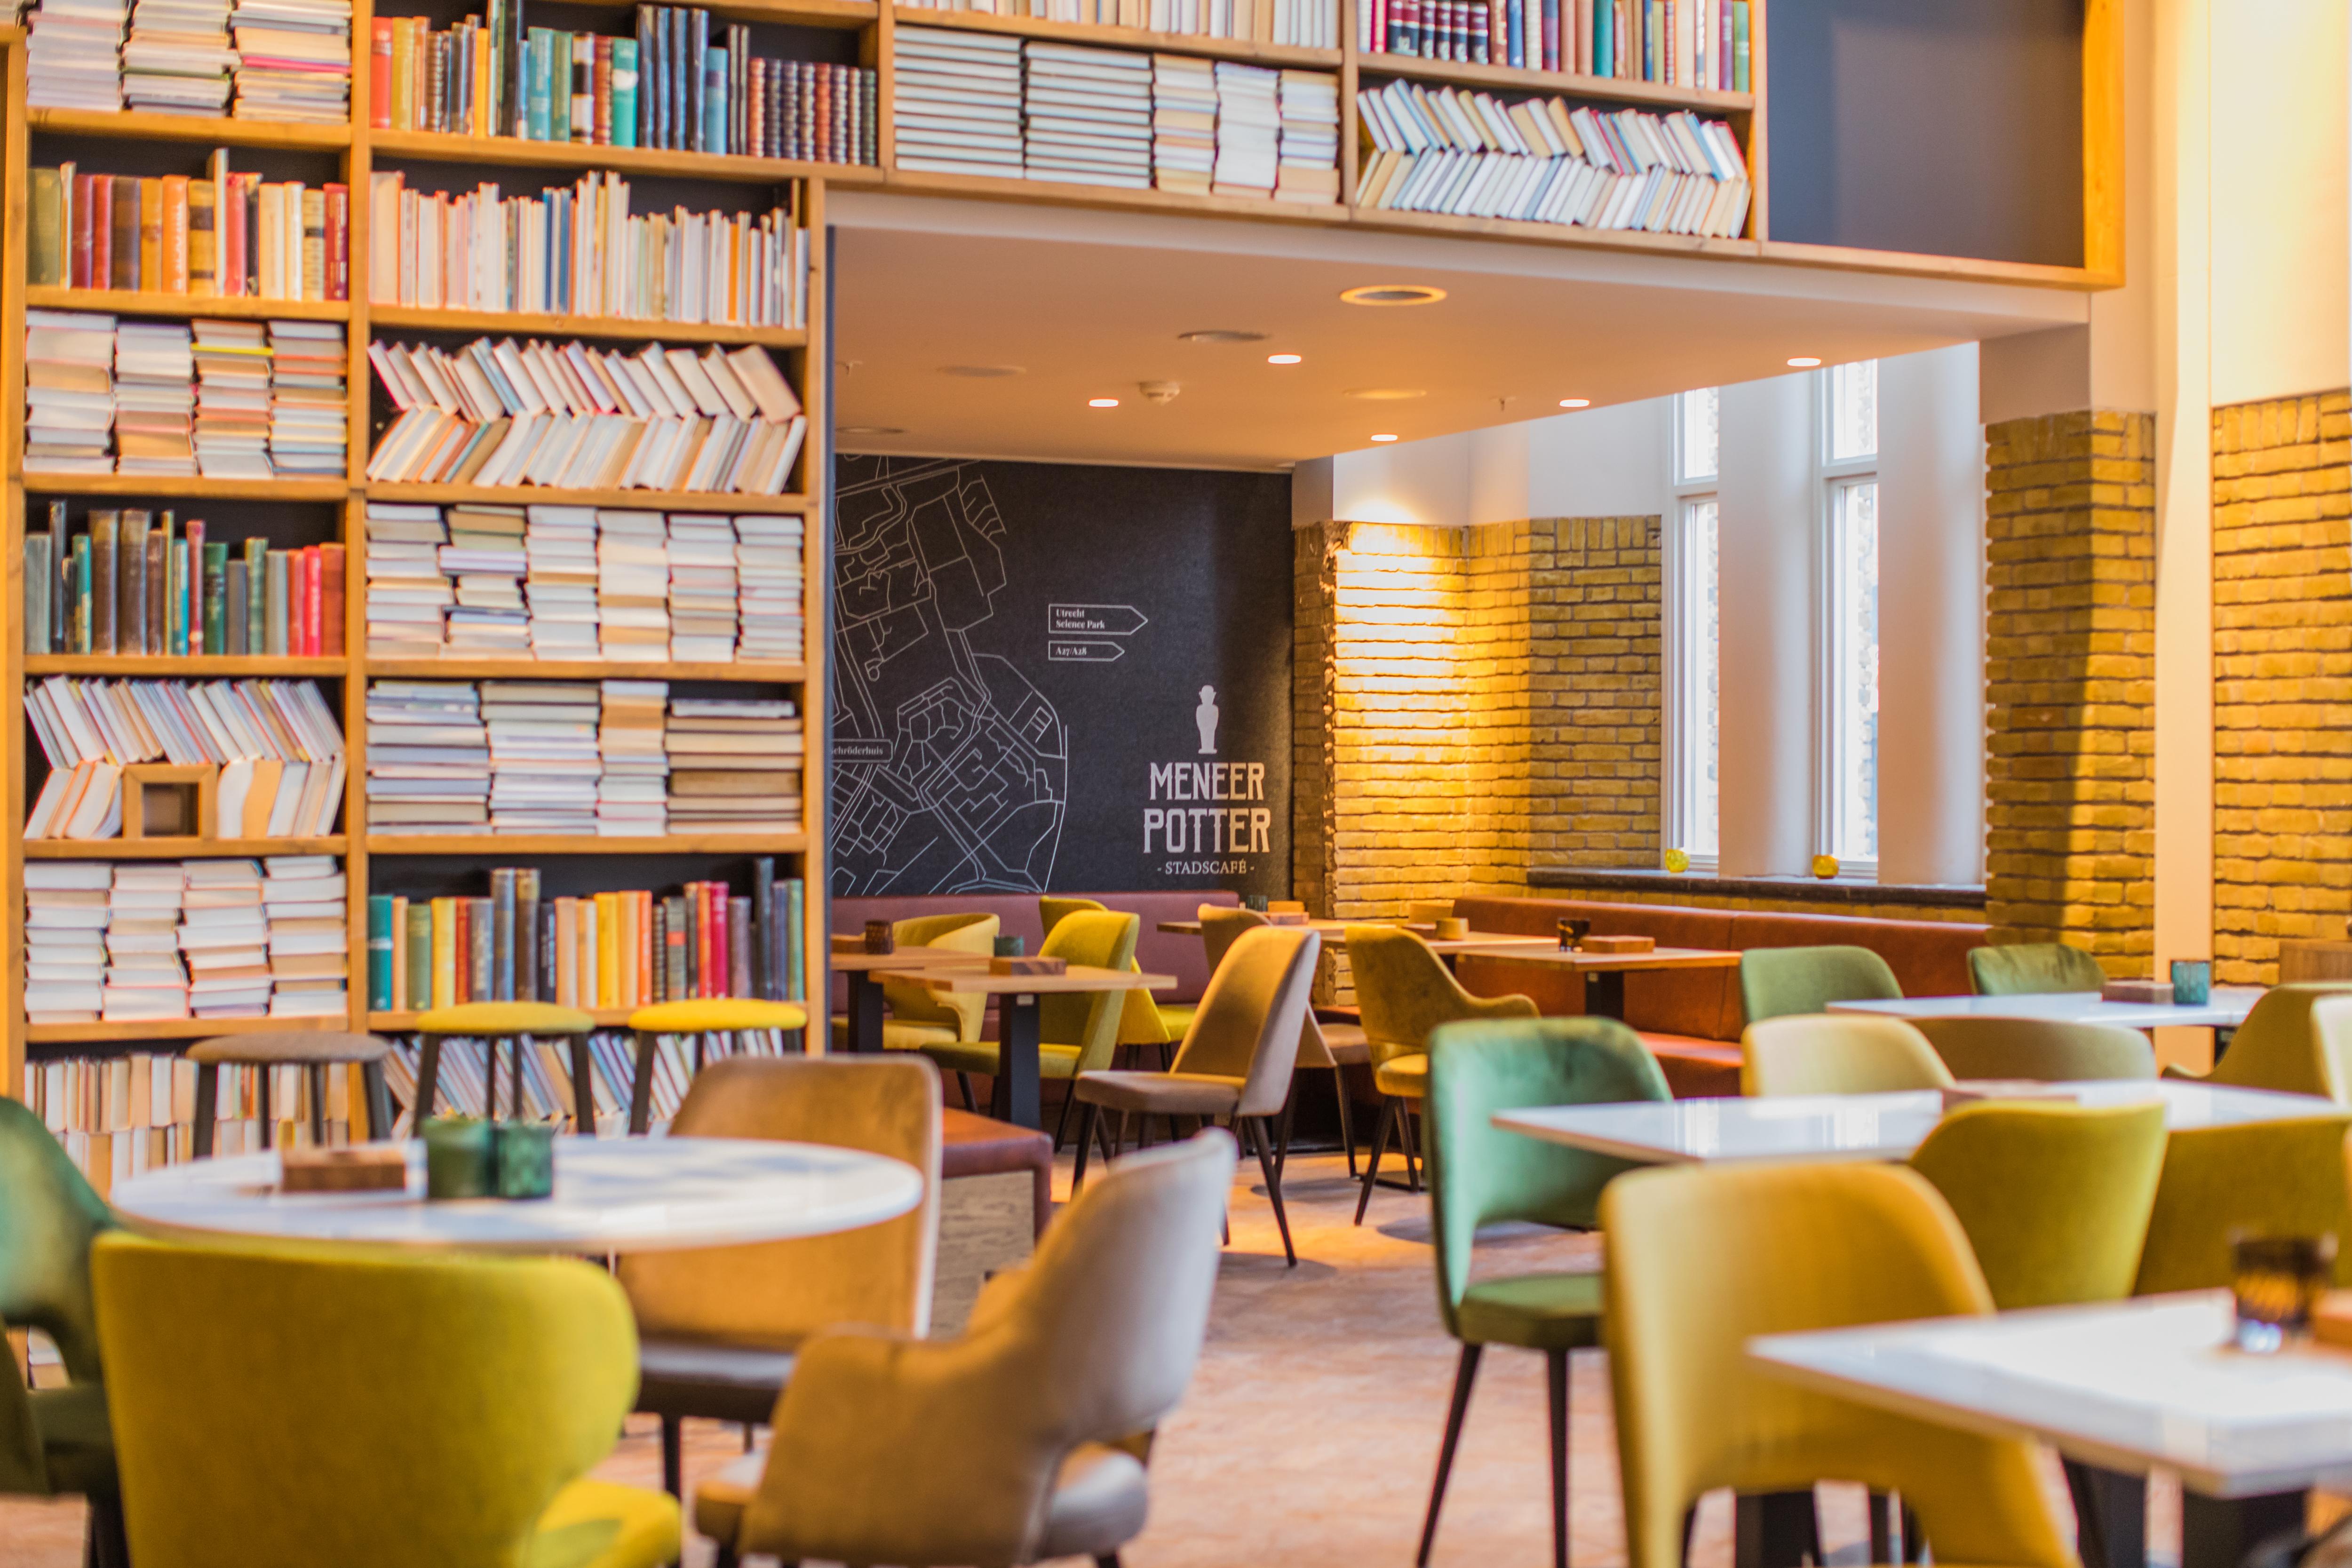 Bibliotheek Utrecht Meneer Potter